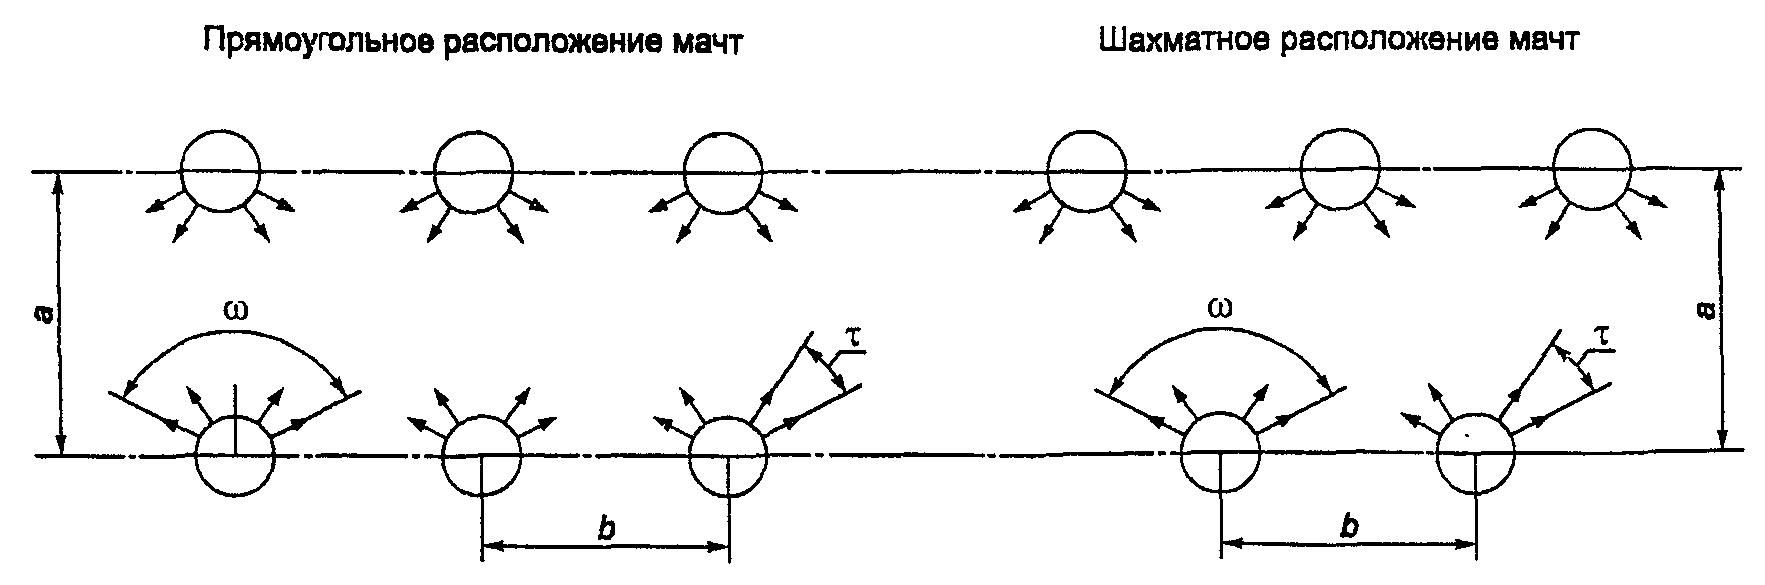 схема расположения осветительных приборов на строительной площадке.